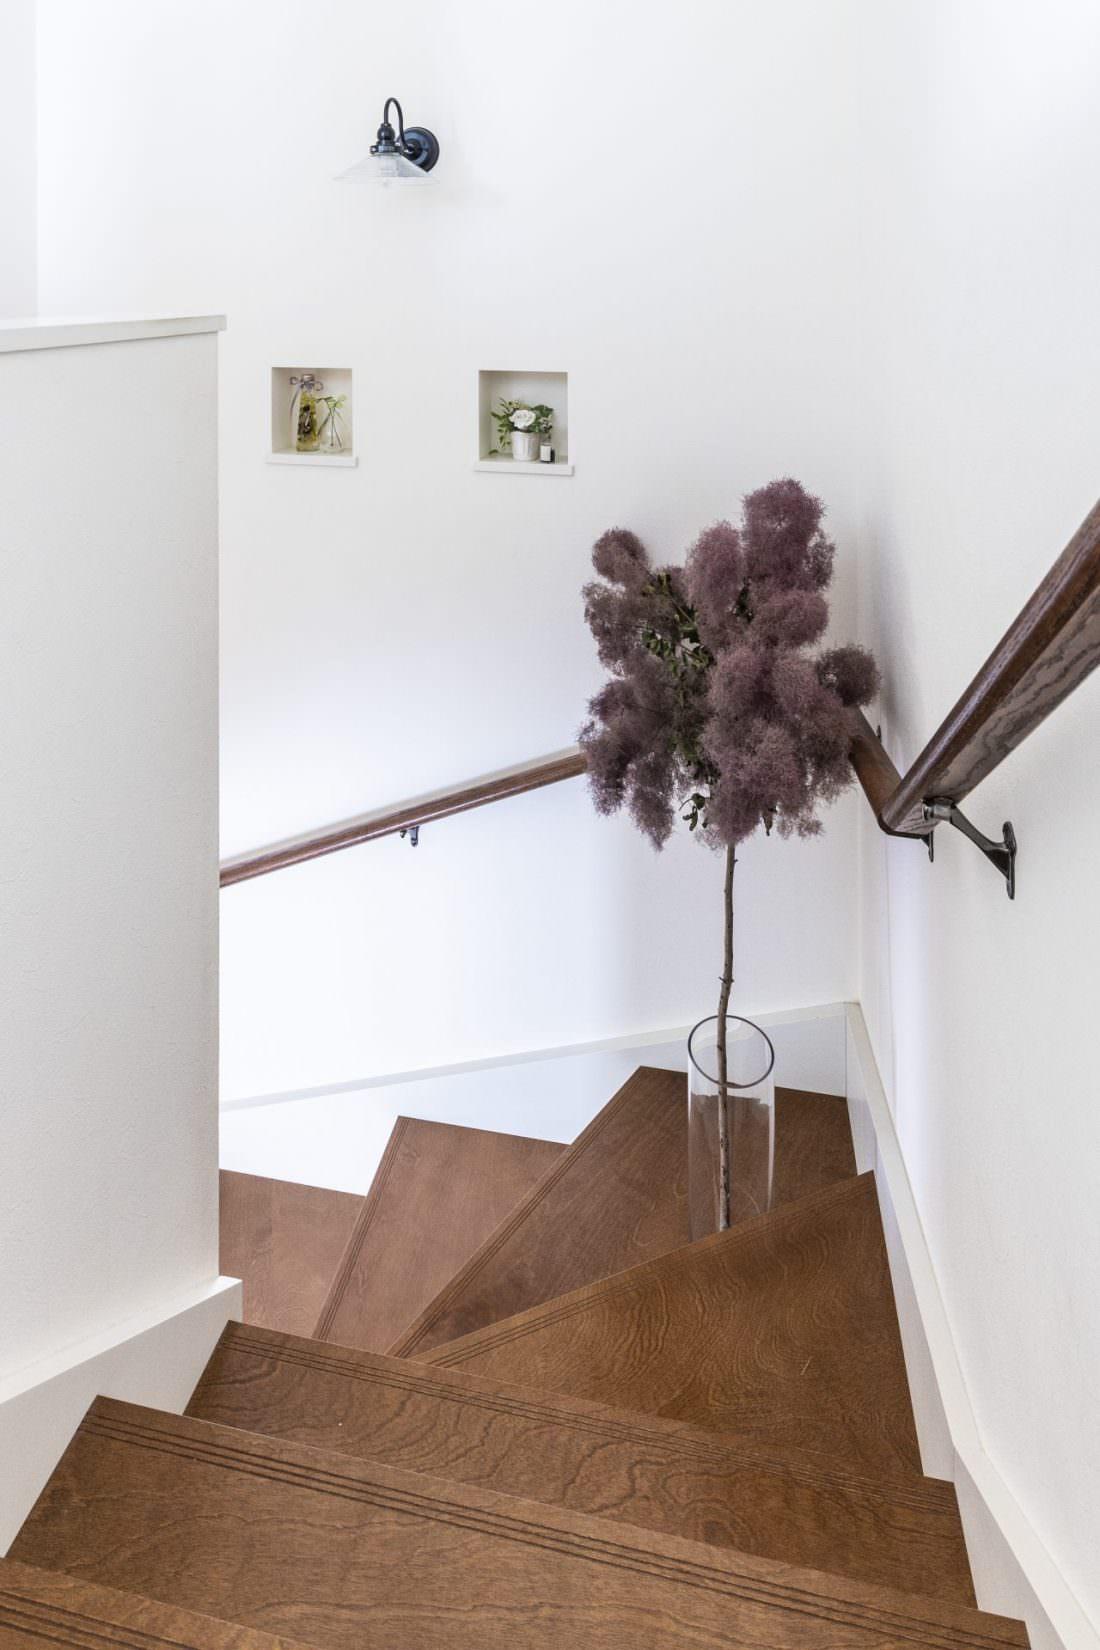 ニッチに飾った雑貨やドライフラワーが階段を彩る